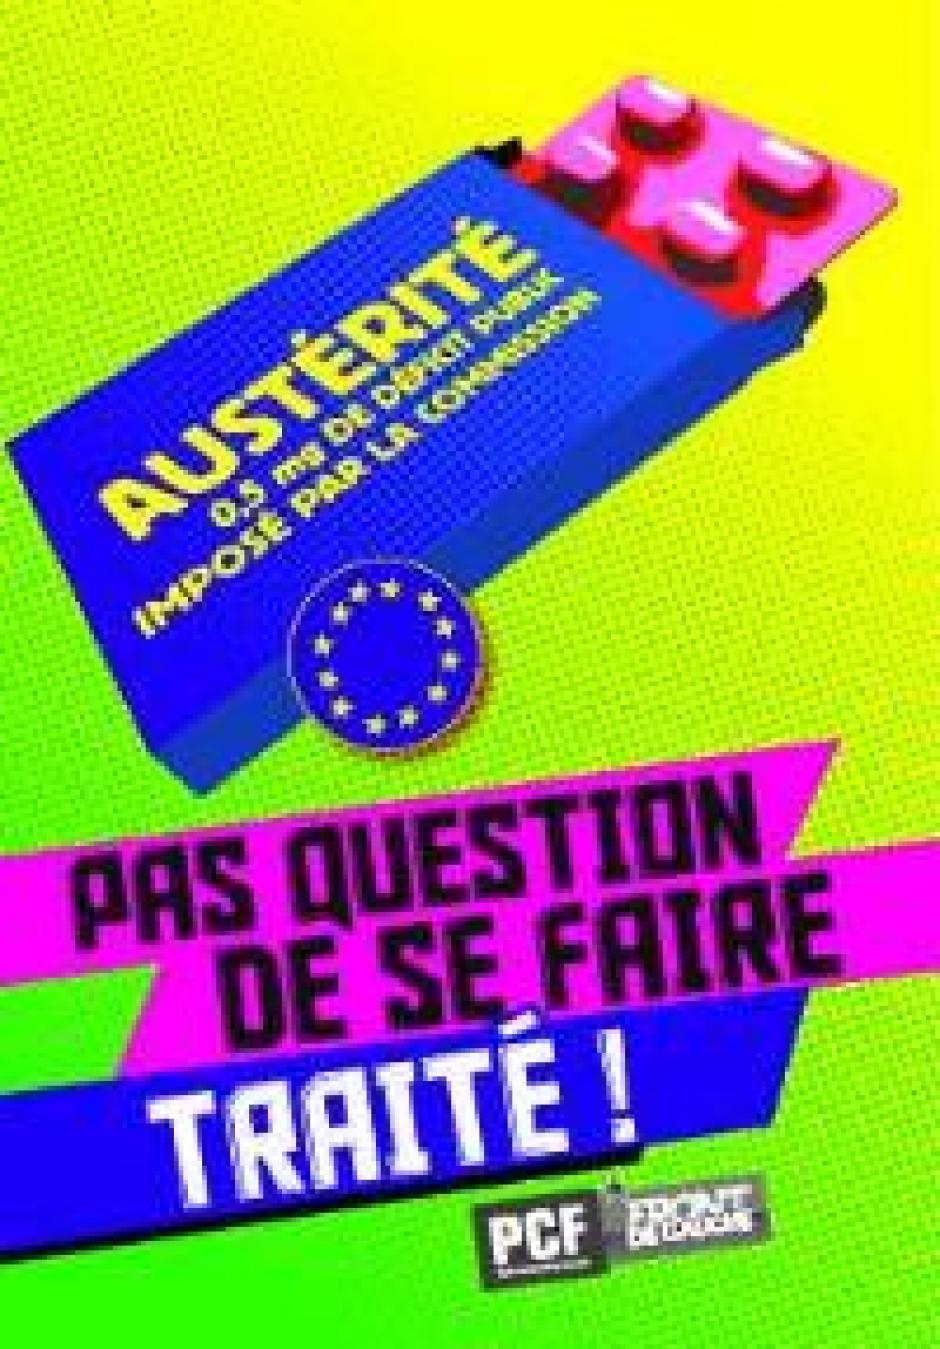 Création d'une banque publique : la Commission européenne bloque l'initiative citoyenne